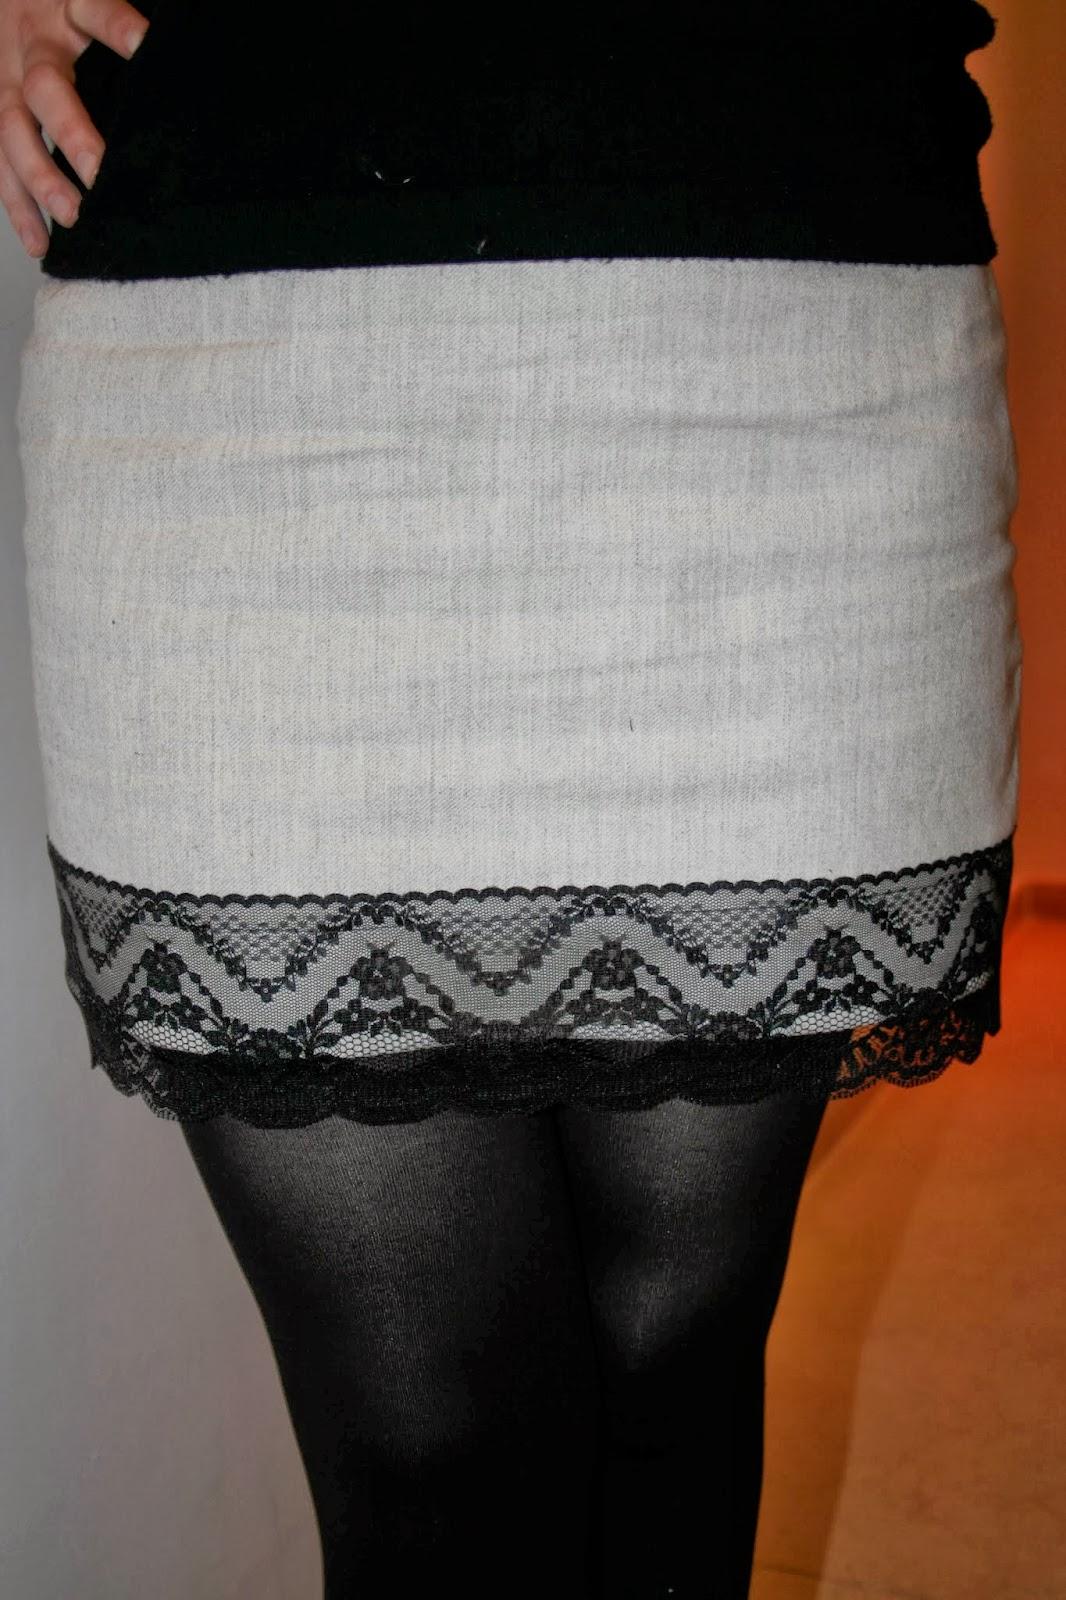 falda con forro rums españa falda lencera bajo encaje puntilla modistilla de pacotilla